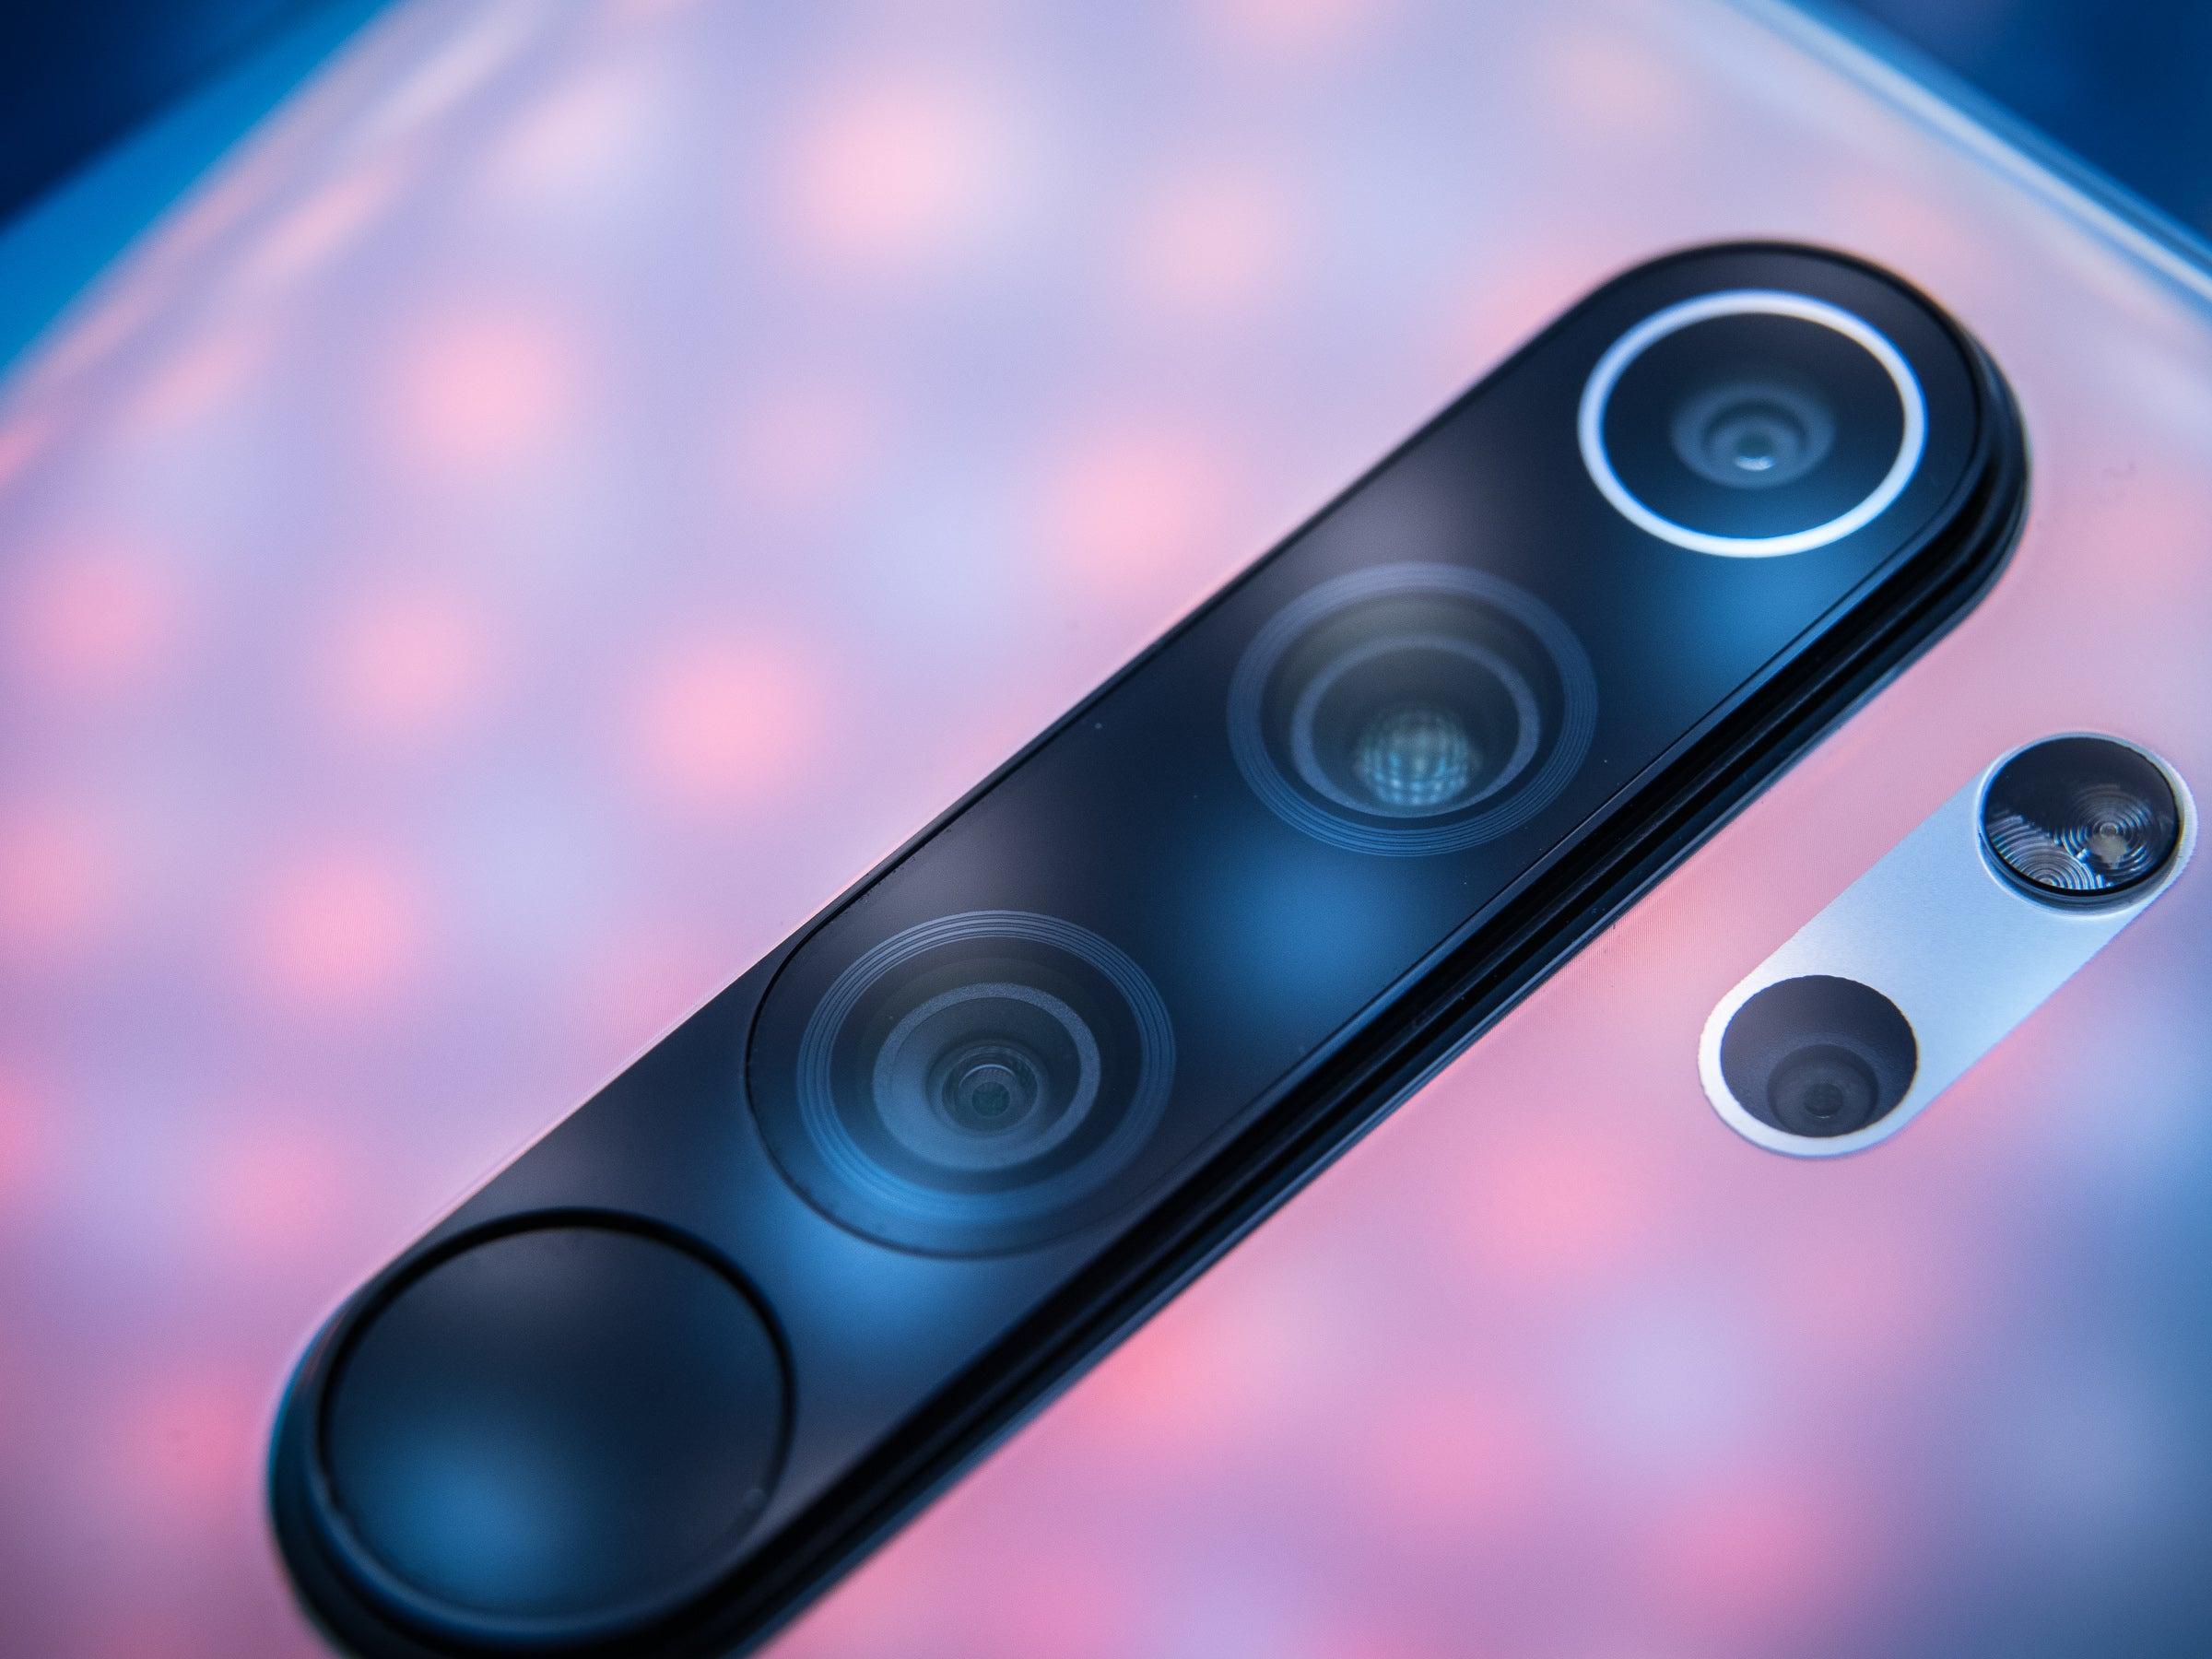 Kamera-Modul des Xiaomi Redmi Note 8 Pro